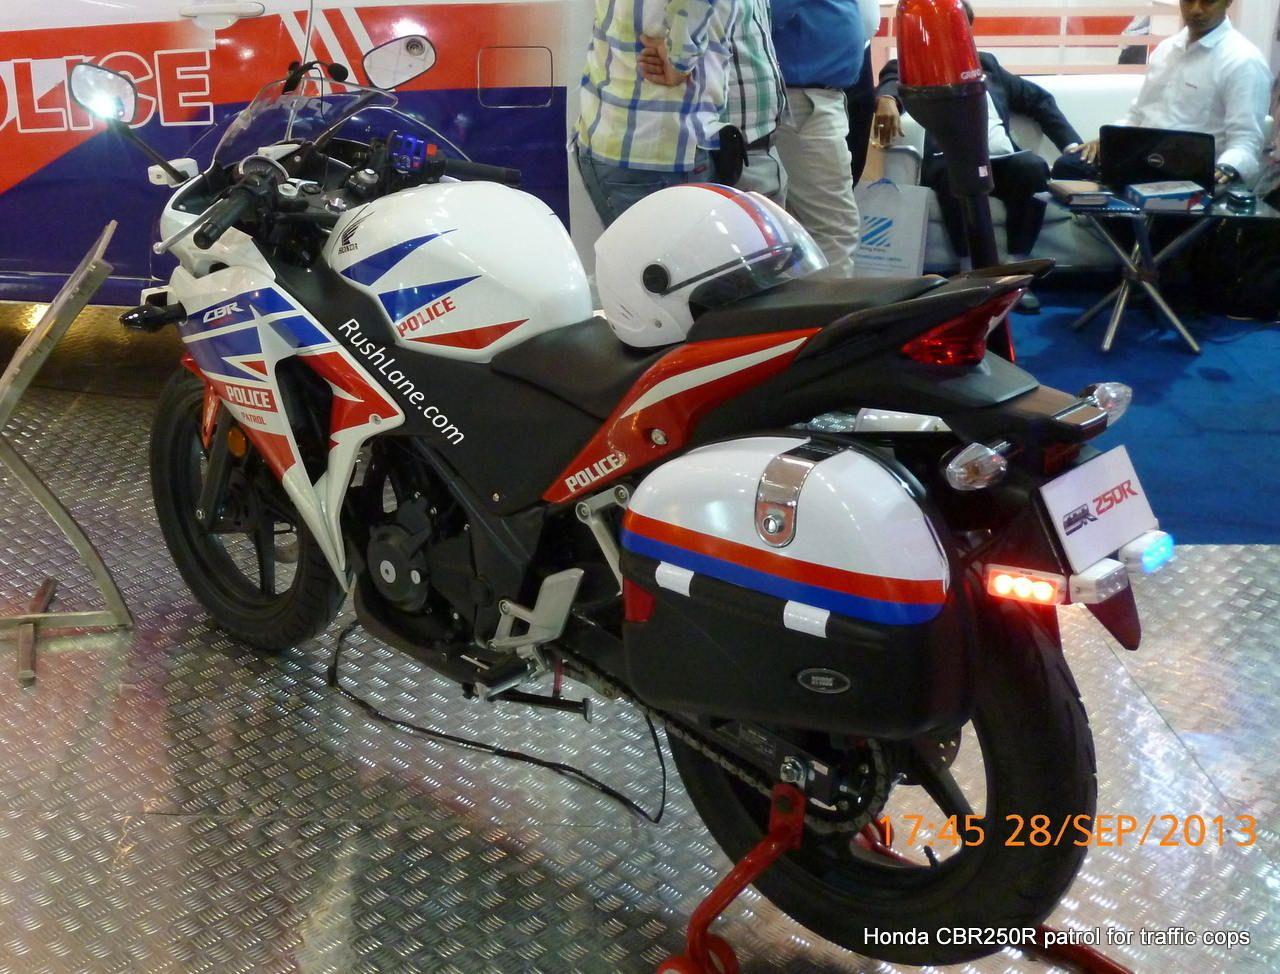 Bajaj pulsar 180 and honda cbr250r for traffic police